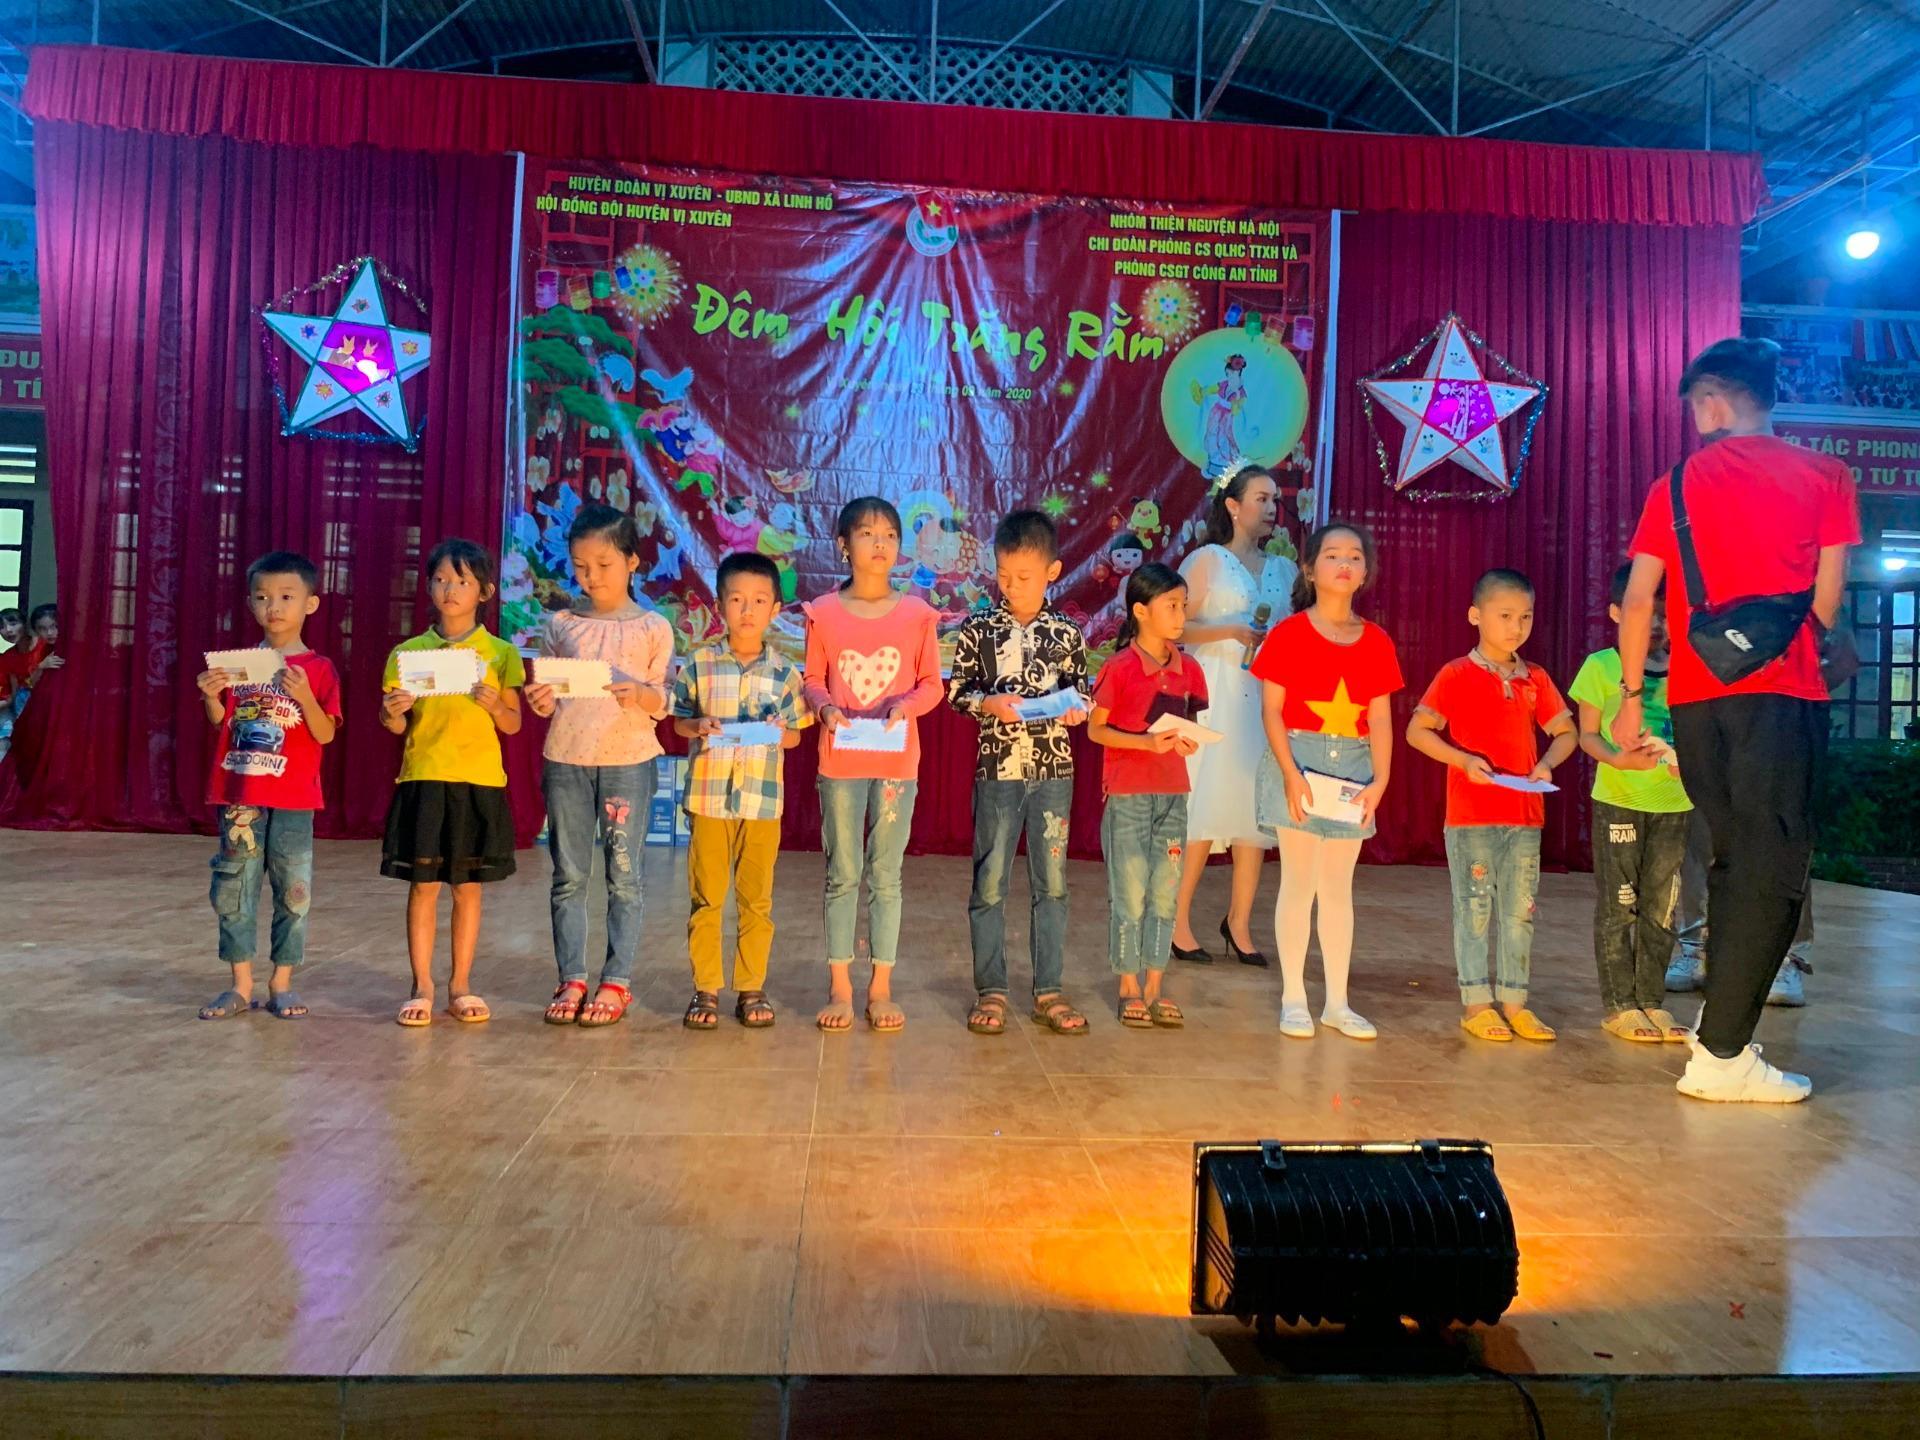 'Trăng sáng cho em' đến sớm với trẻ em Hà Giang Ảnh 2